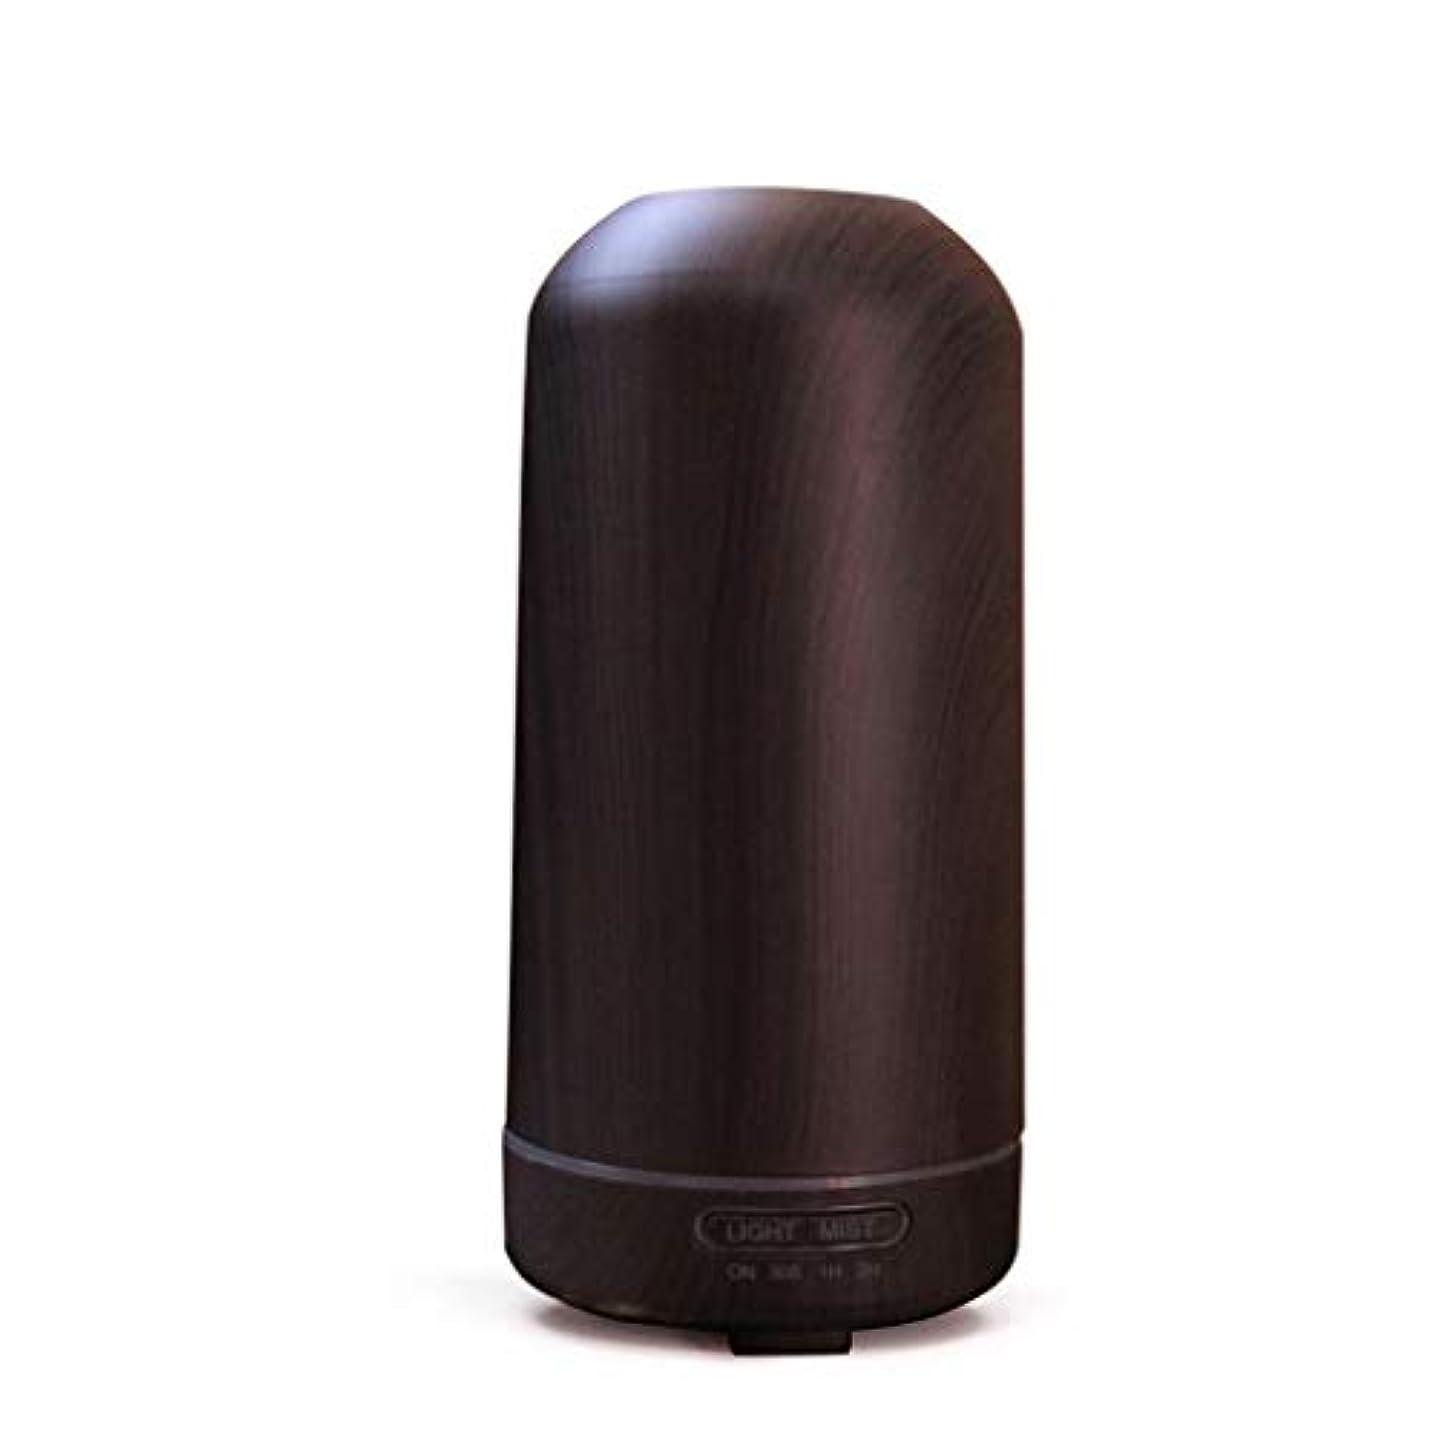 品組み合わせるリス100ミリリットル超音波クールミスト加湿器カラーLEDライト付きホームヨガオフィススパ寝室ベビールーム - ウッドグレインディフューザー (Color : Dark wood grain)